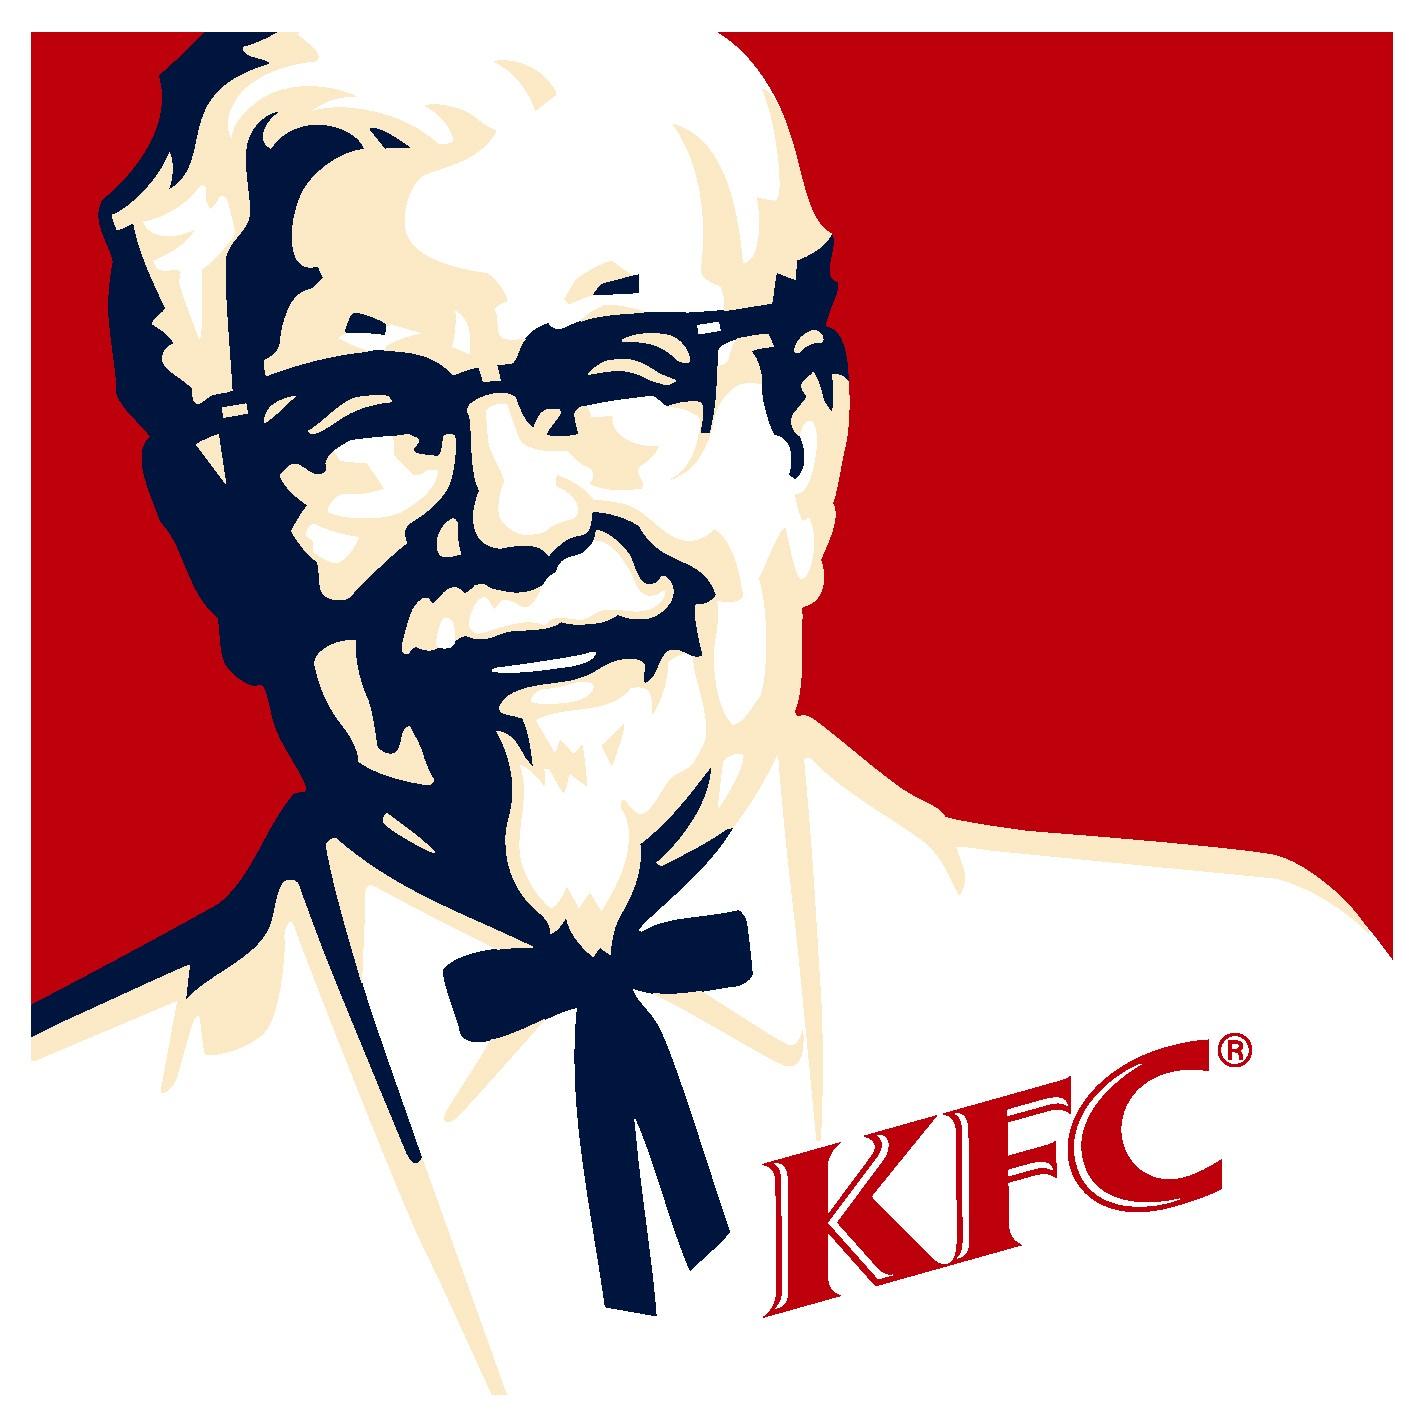 Dożywotni zapas KFC :]